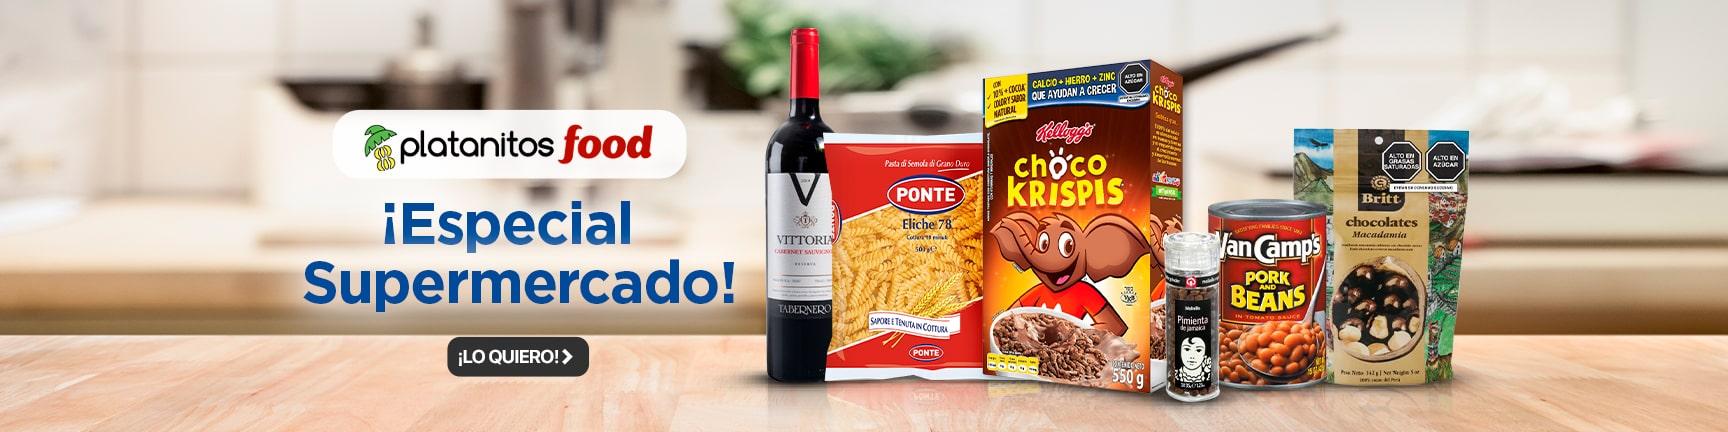 BP2 Platanitos Food - Especial Supermercado